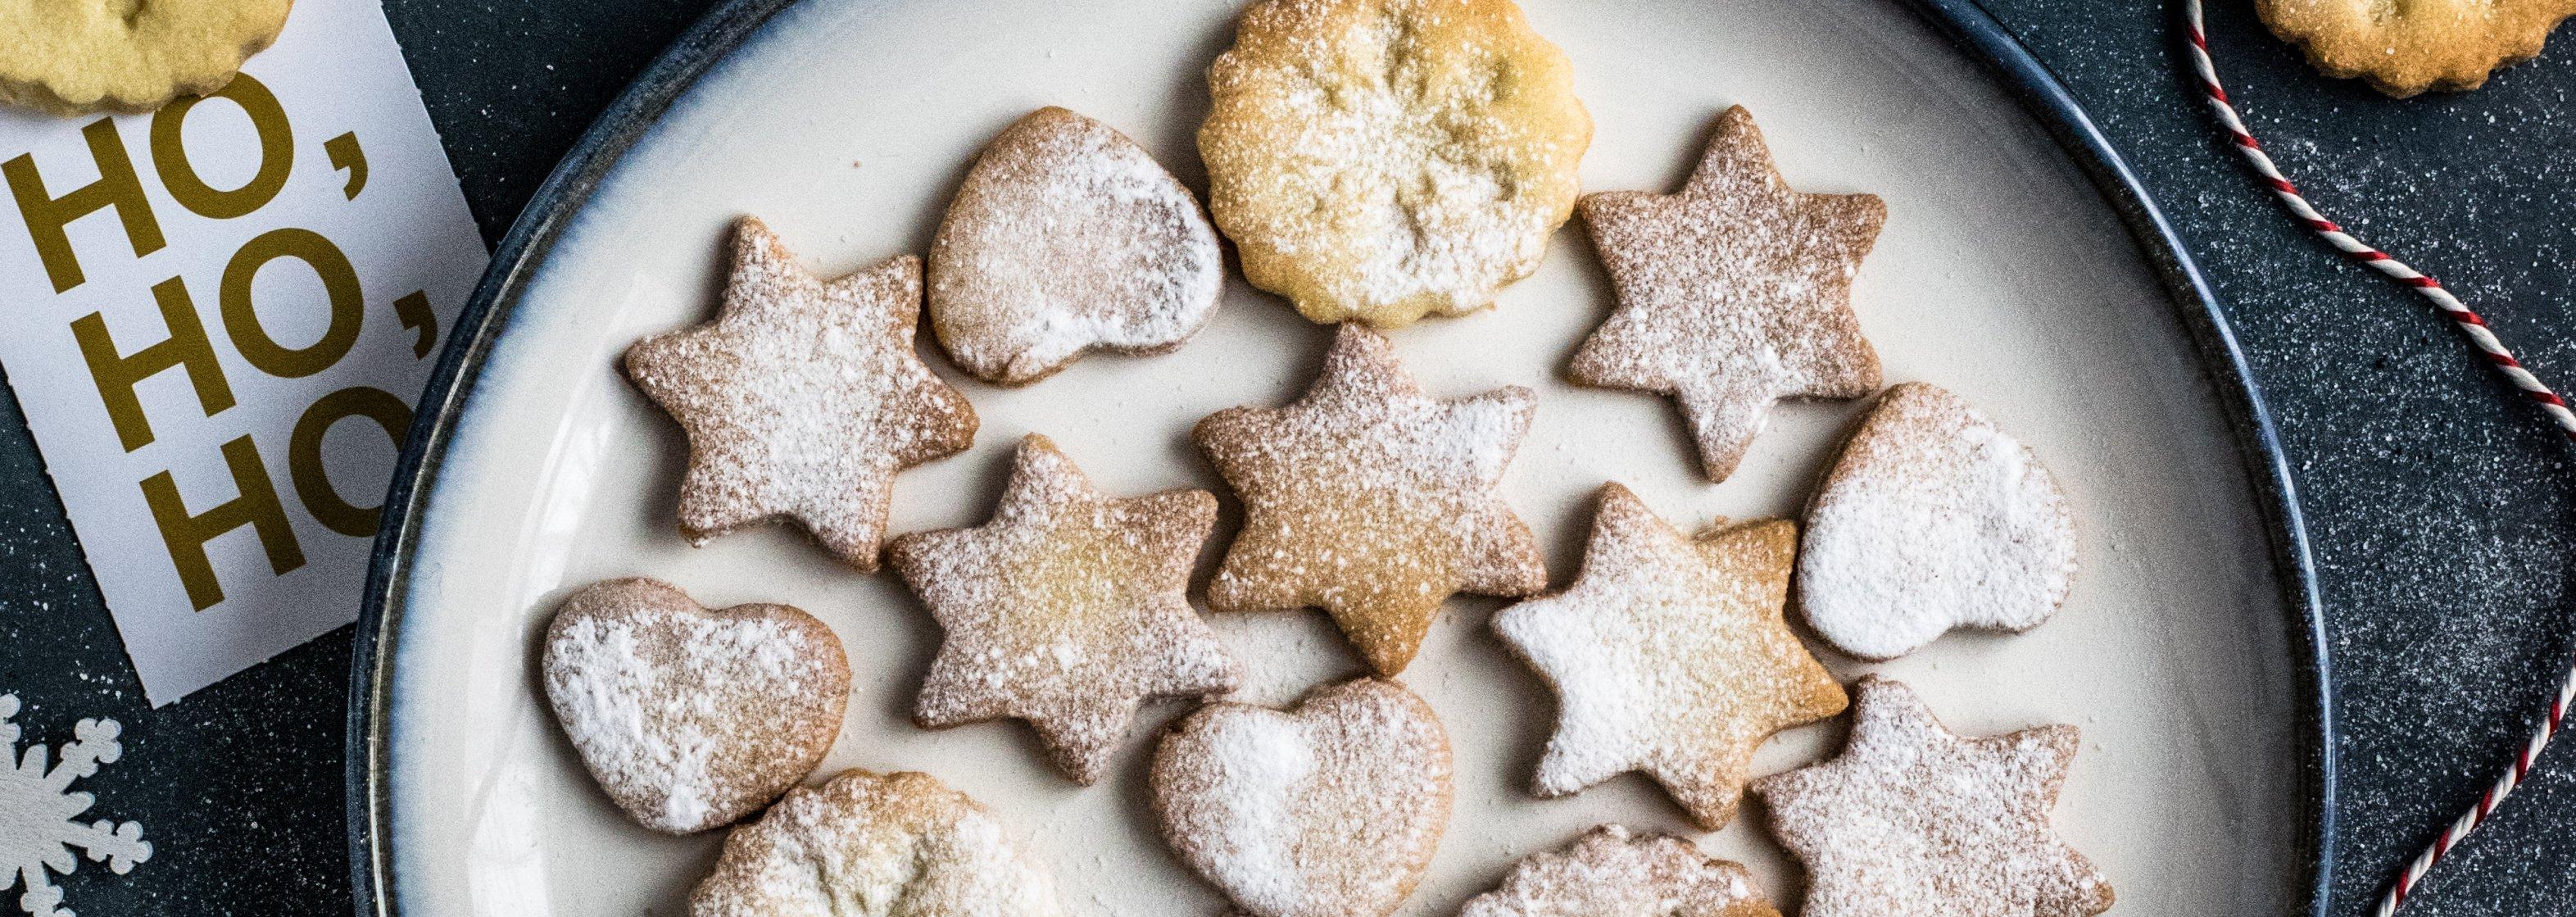 Weihnachtsessen Kindern Rezepte.Rezepte Zu Bestimmten Anlässen Und Feiertagen Diabetesde